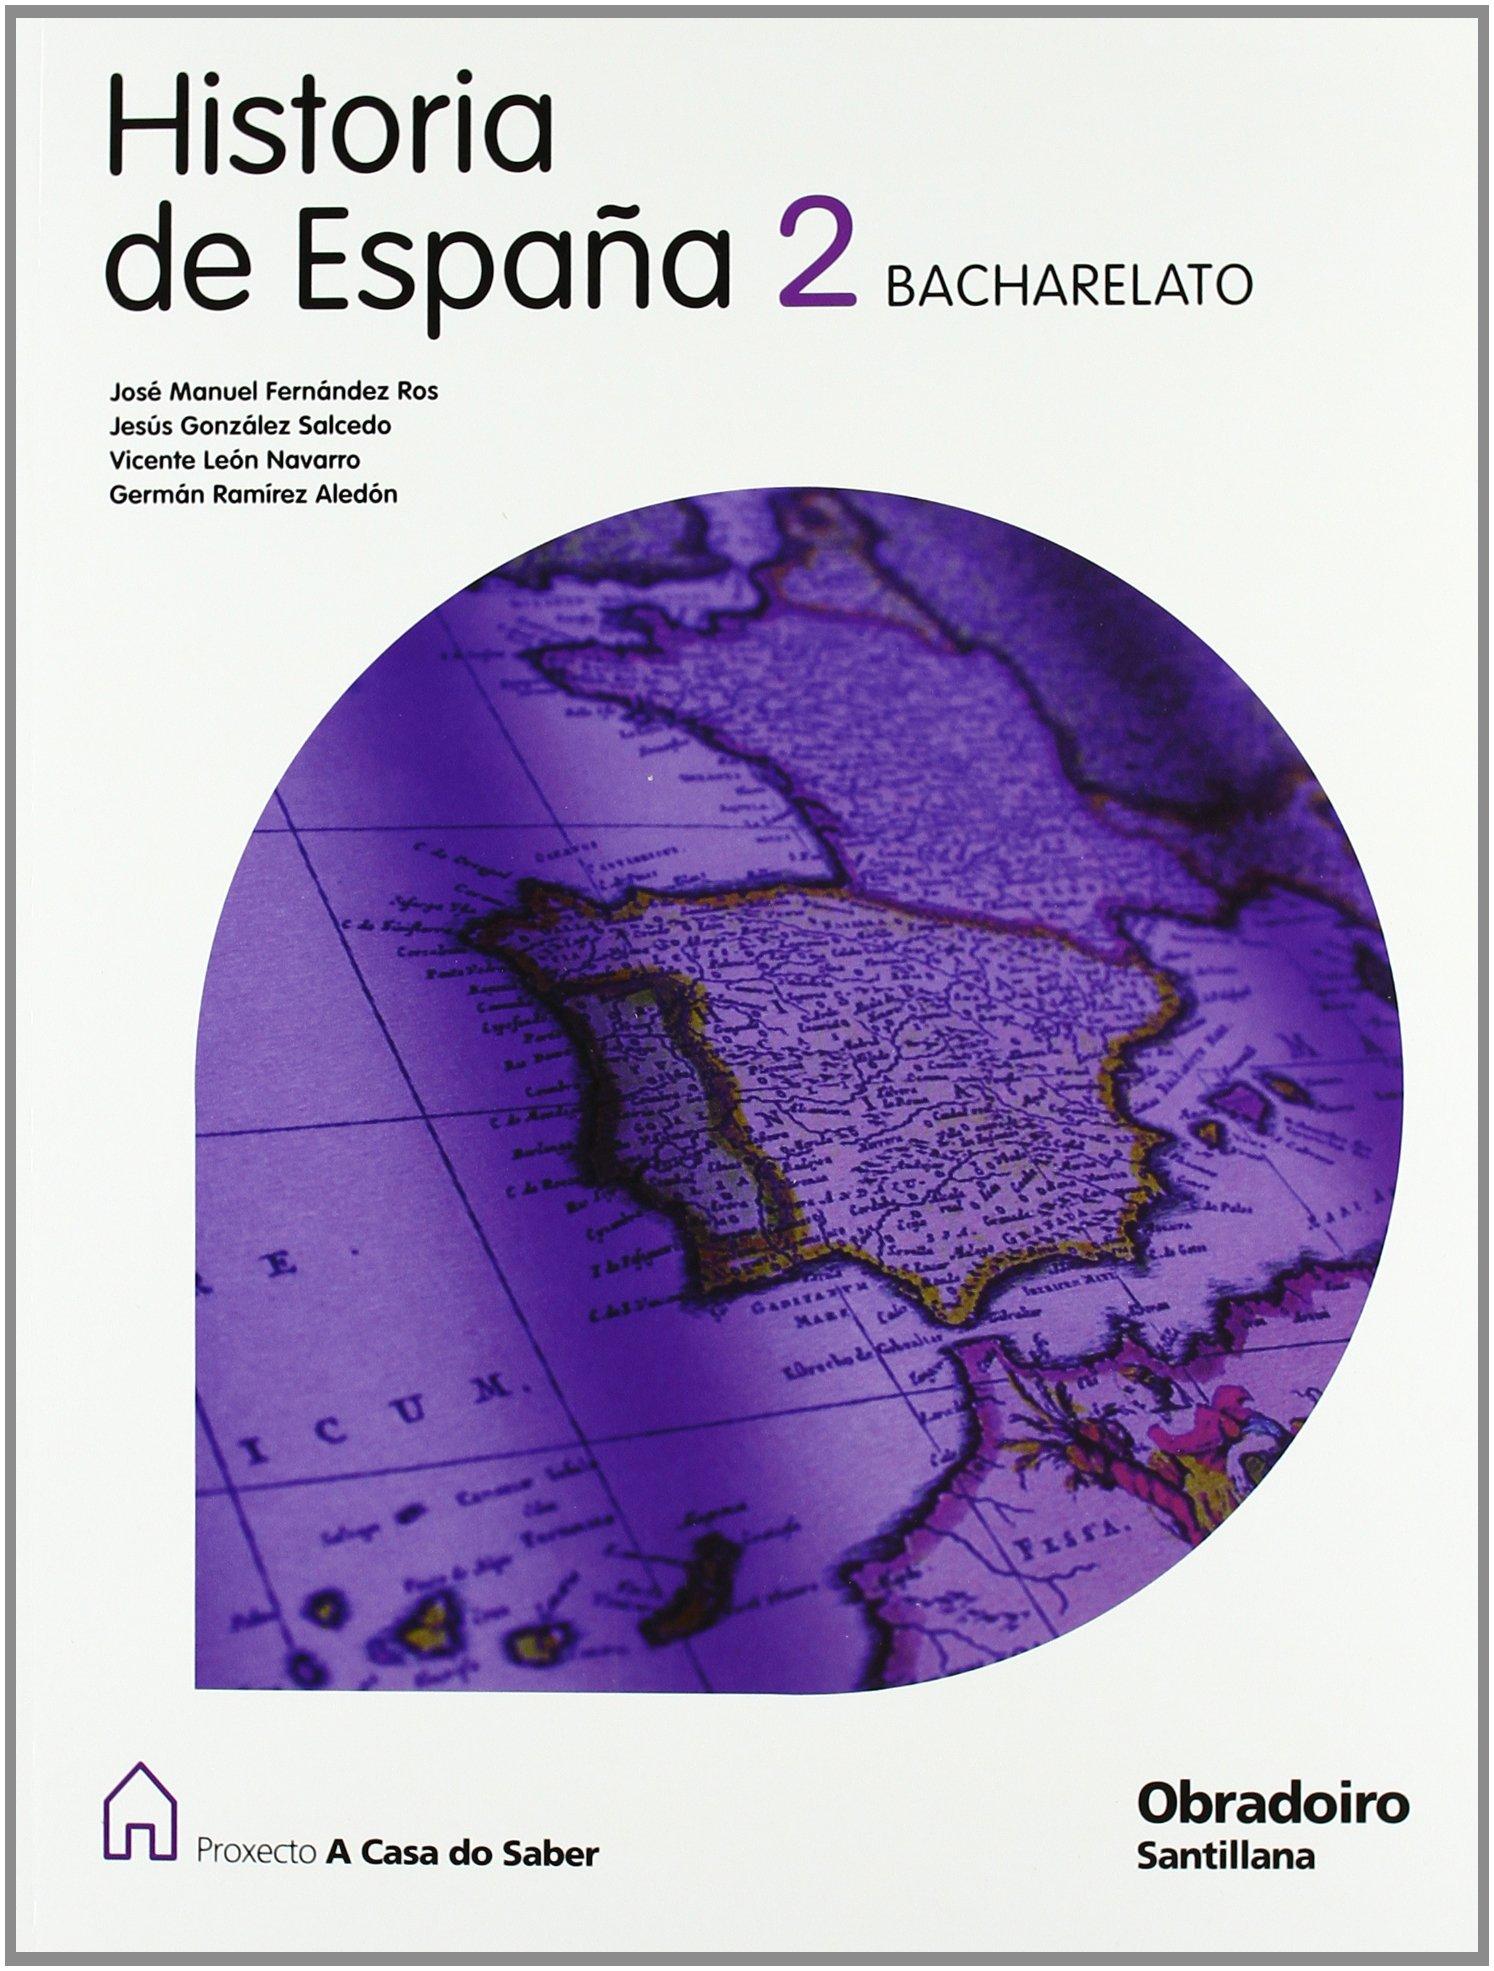 Historia de España 2 Bacharelato a Casa Do Saber Gallego Obradoiro - 9788482249834: Amazon.es: Varios autores: Libros